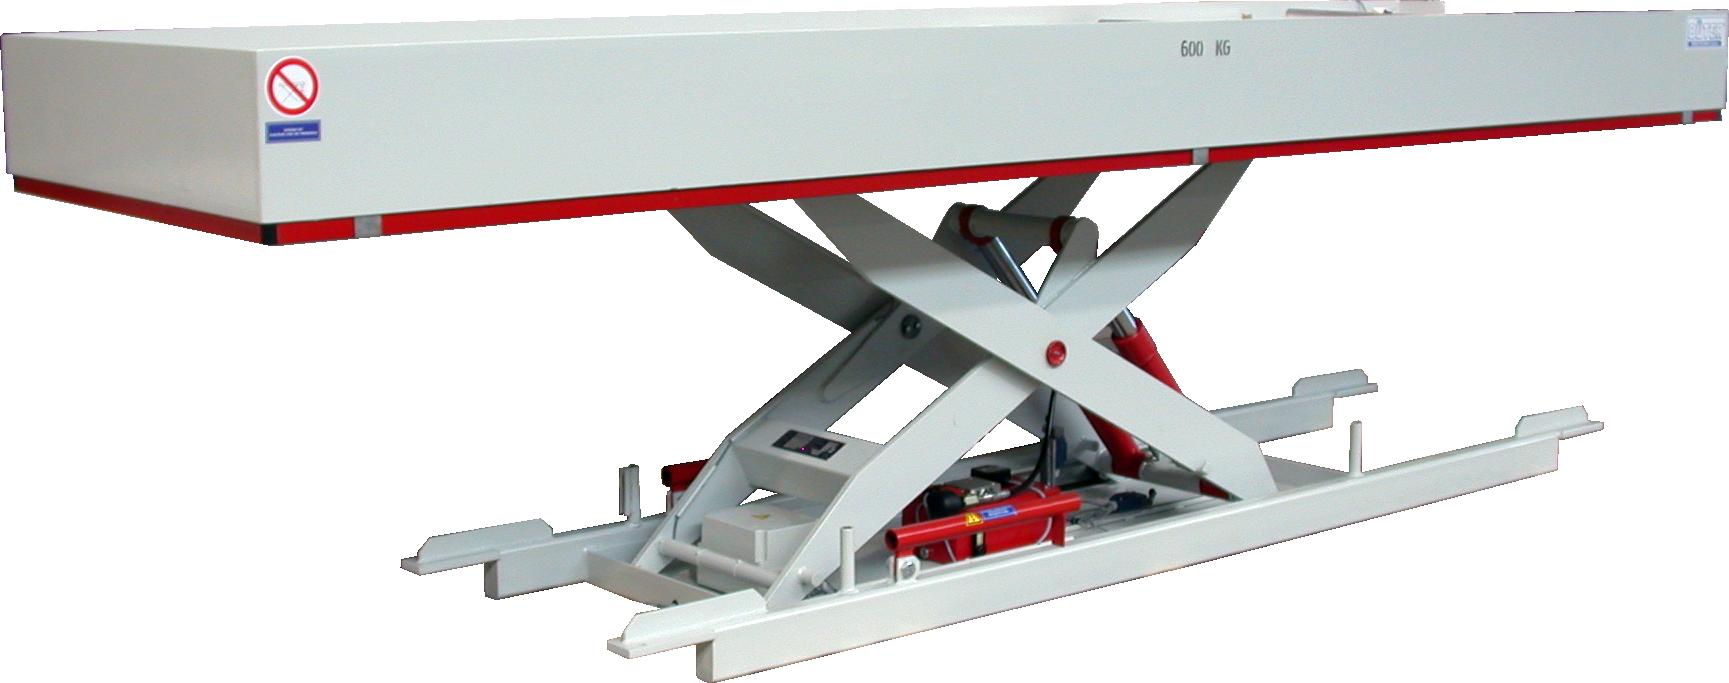 Figure Stationary work platform raised